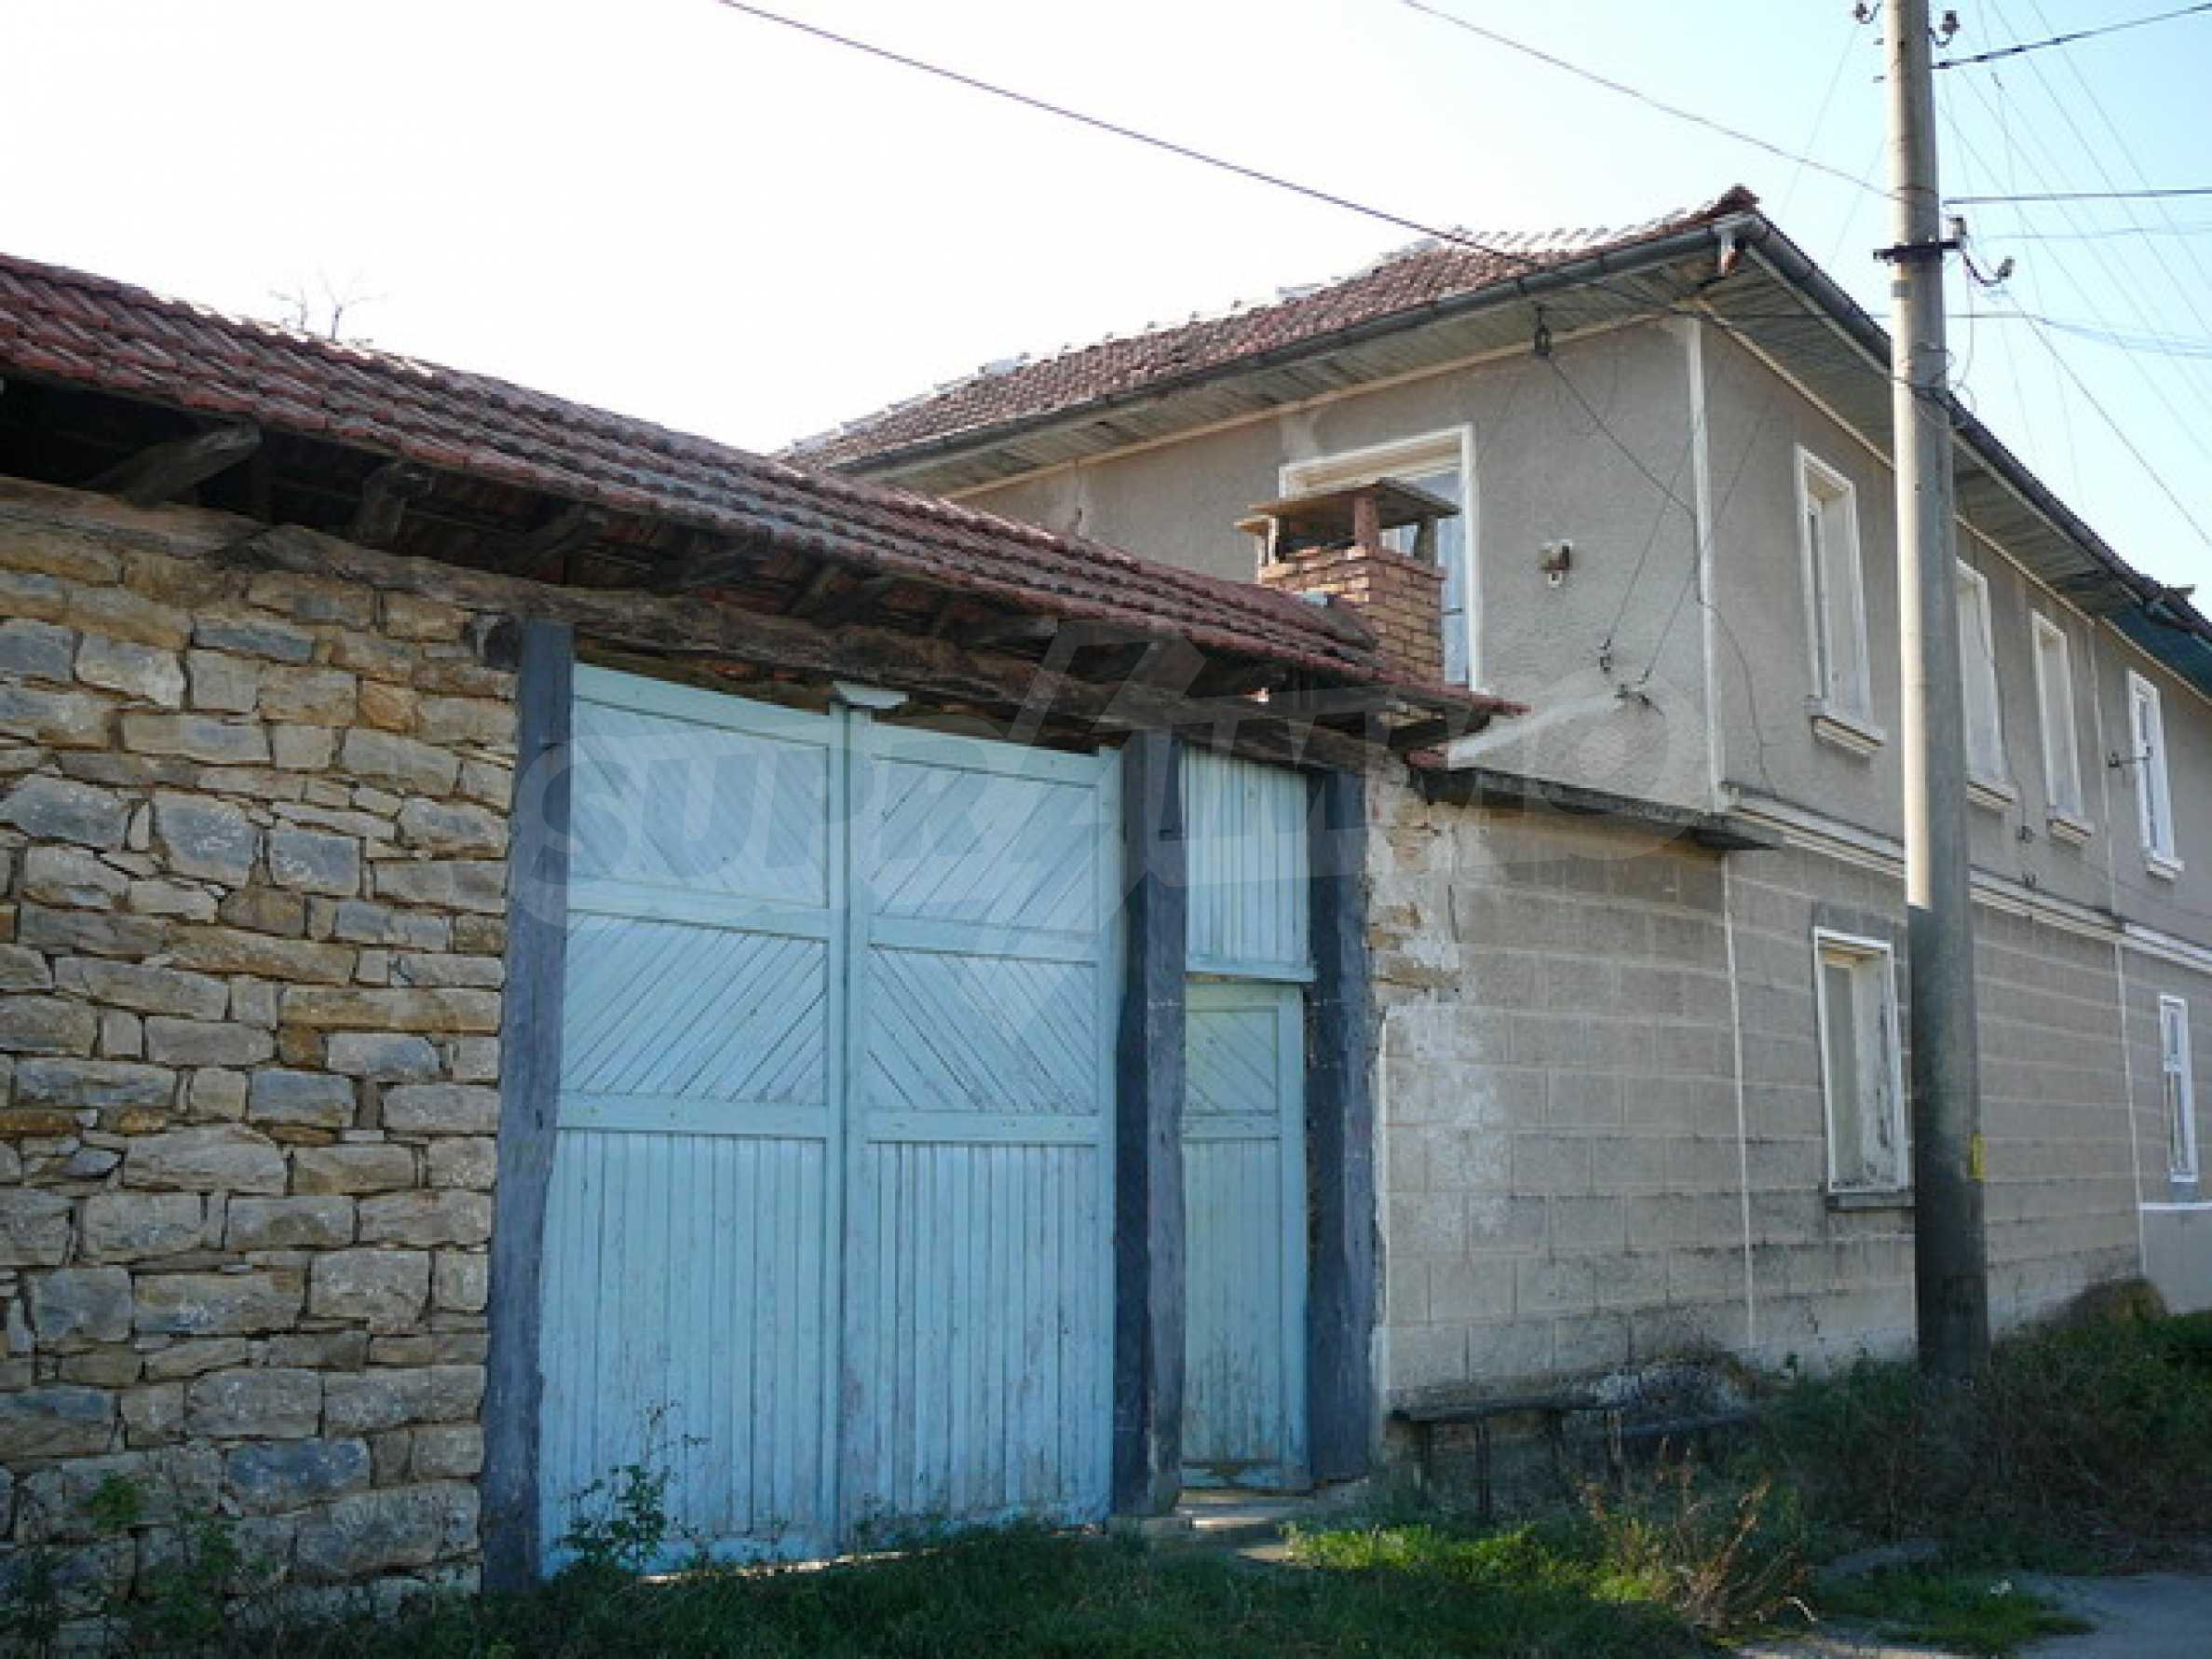 Къща за продажба близо до гр. Велико Търново 5